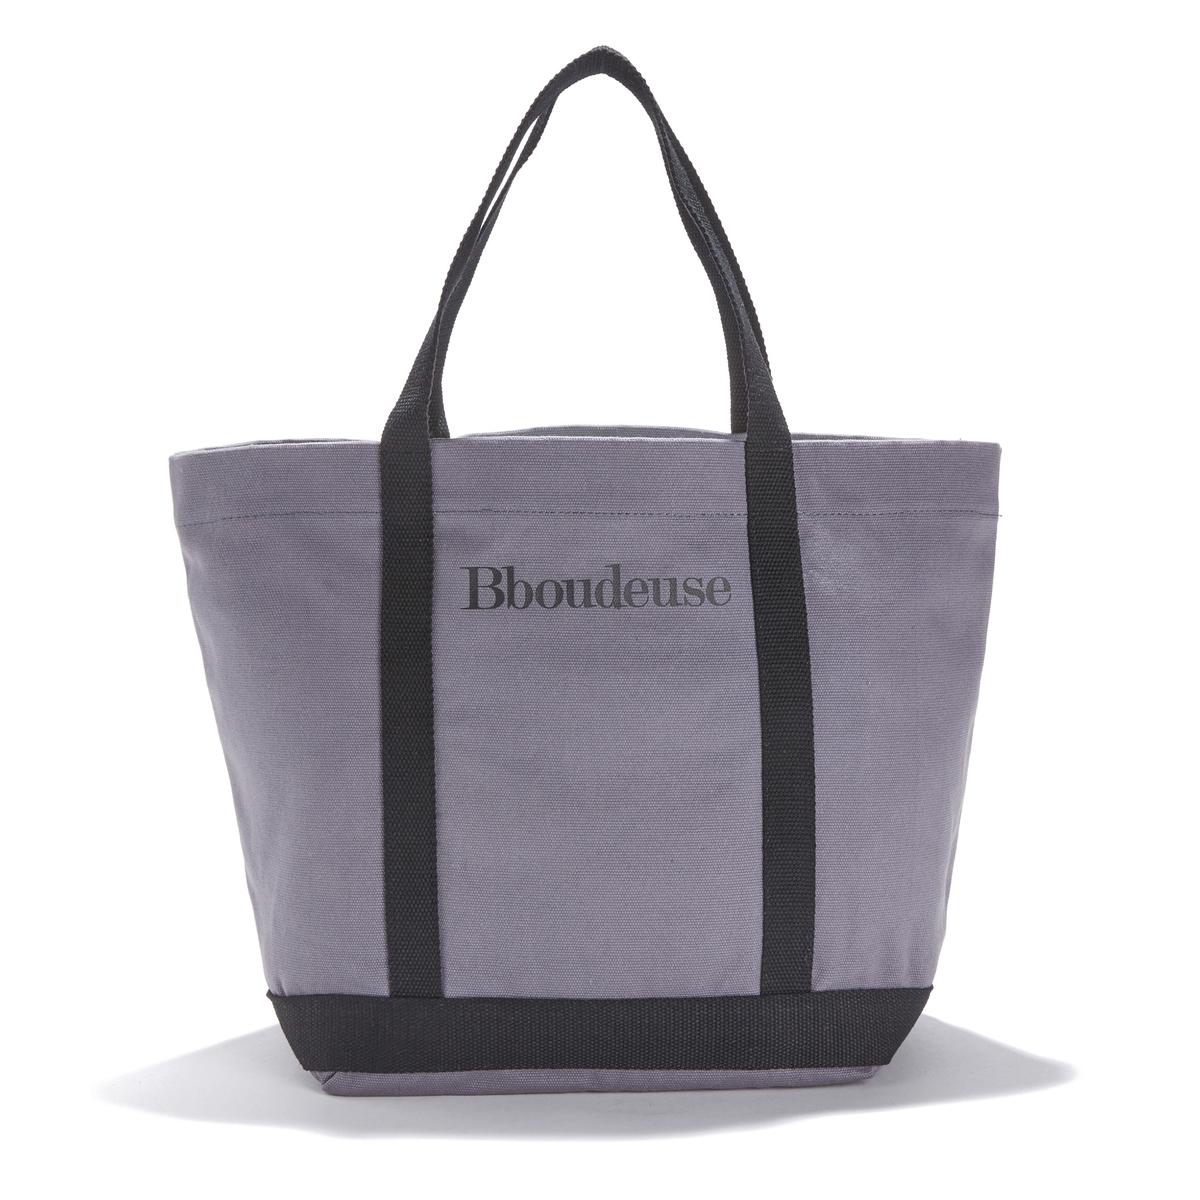 Сумка-шоппер среднего размера с надписью Bboudeuse